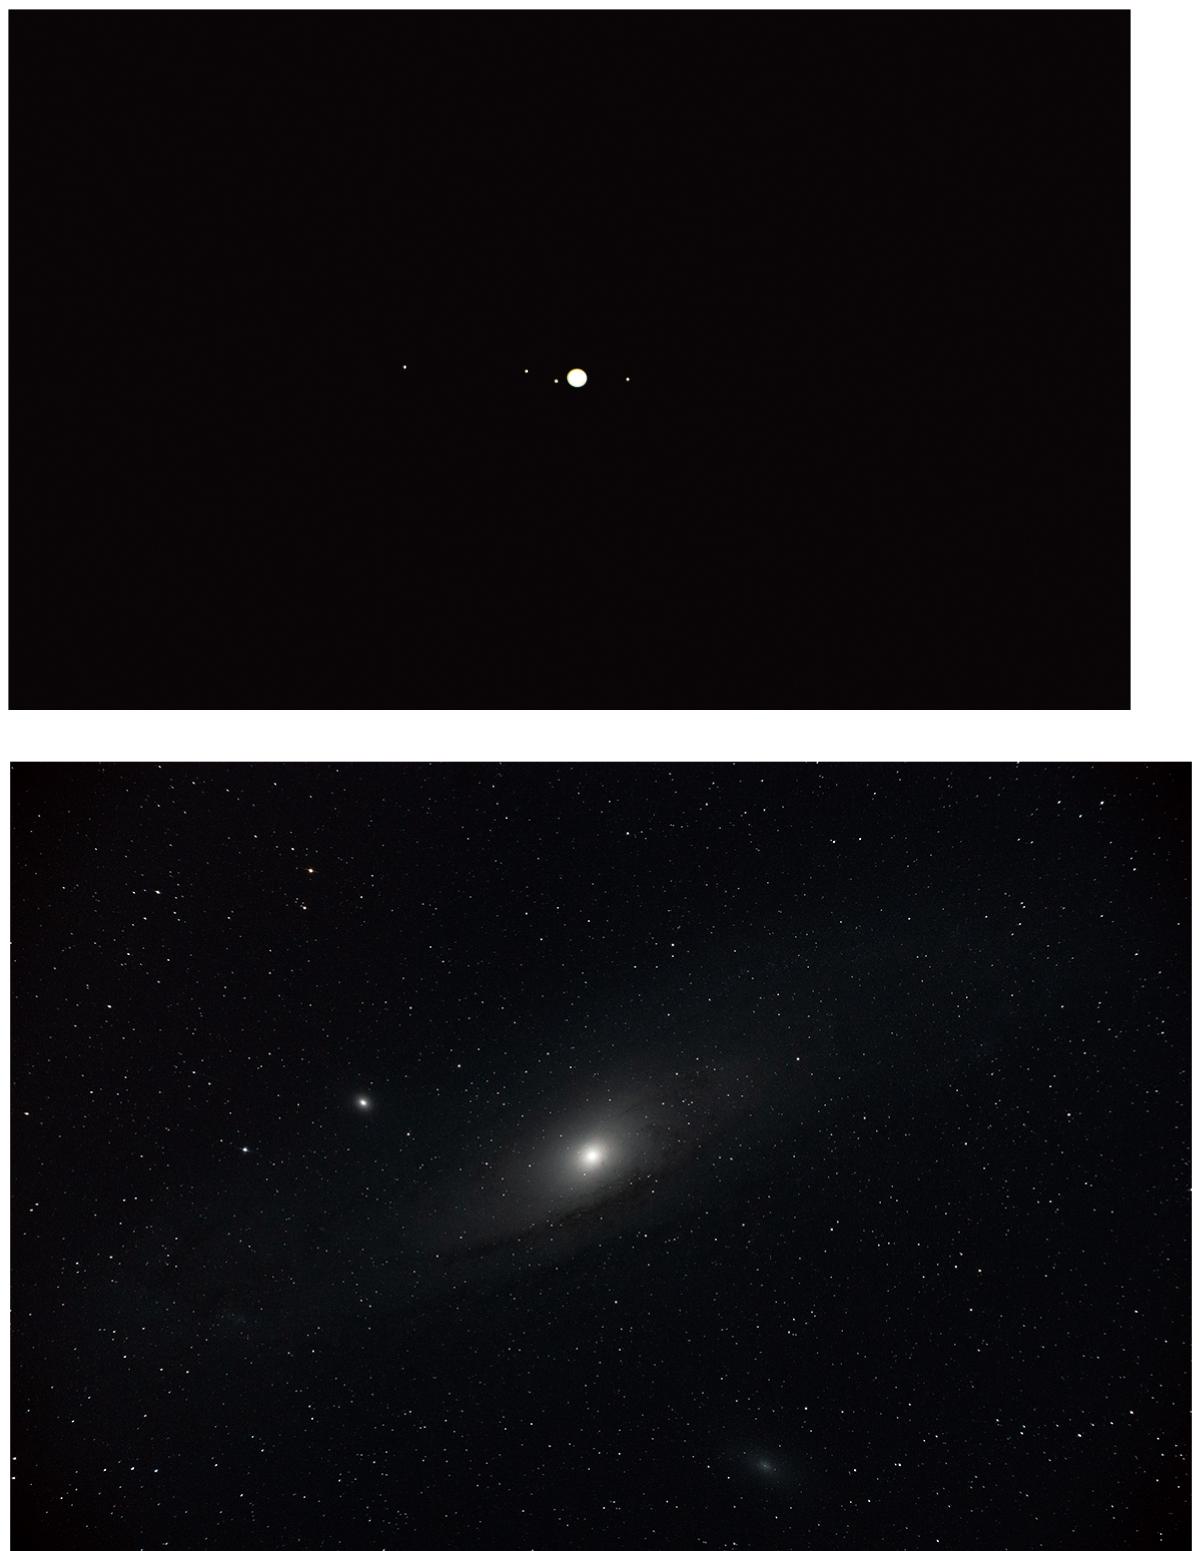 「望遠鏡ウルトラムーンで観察できる天体のイメージ。上:木星とその衛星 下:アンドロメダ銀河」画像